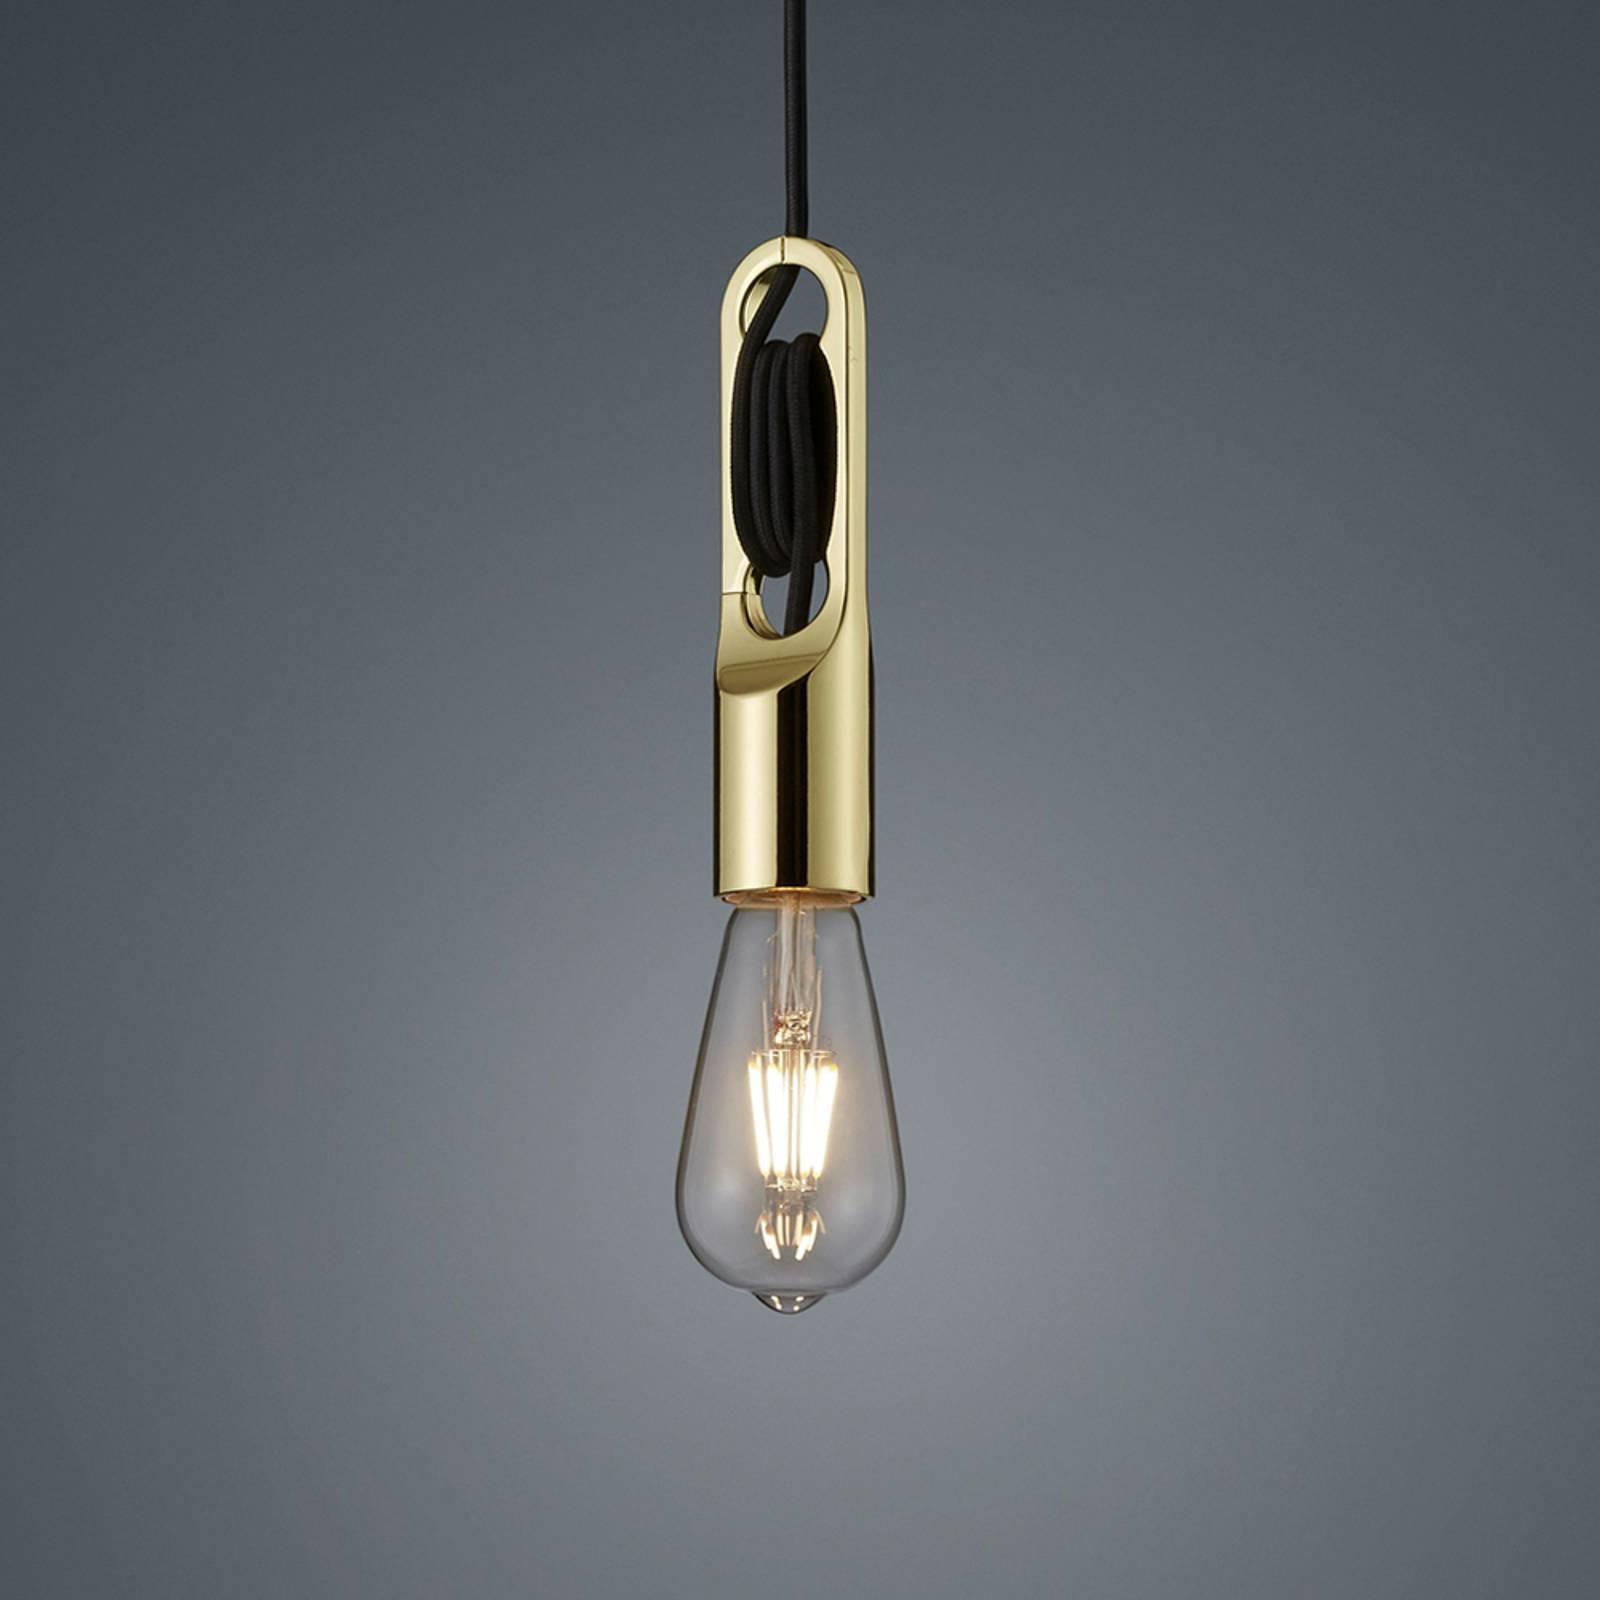 Helestra Pix lampa wisząca, mosiądz polerowany